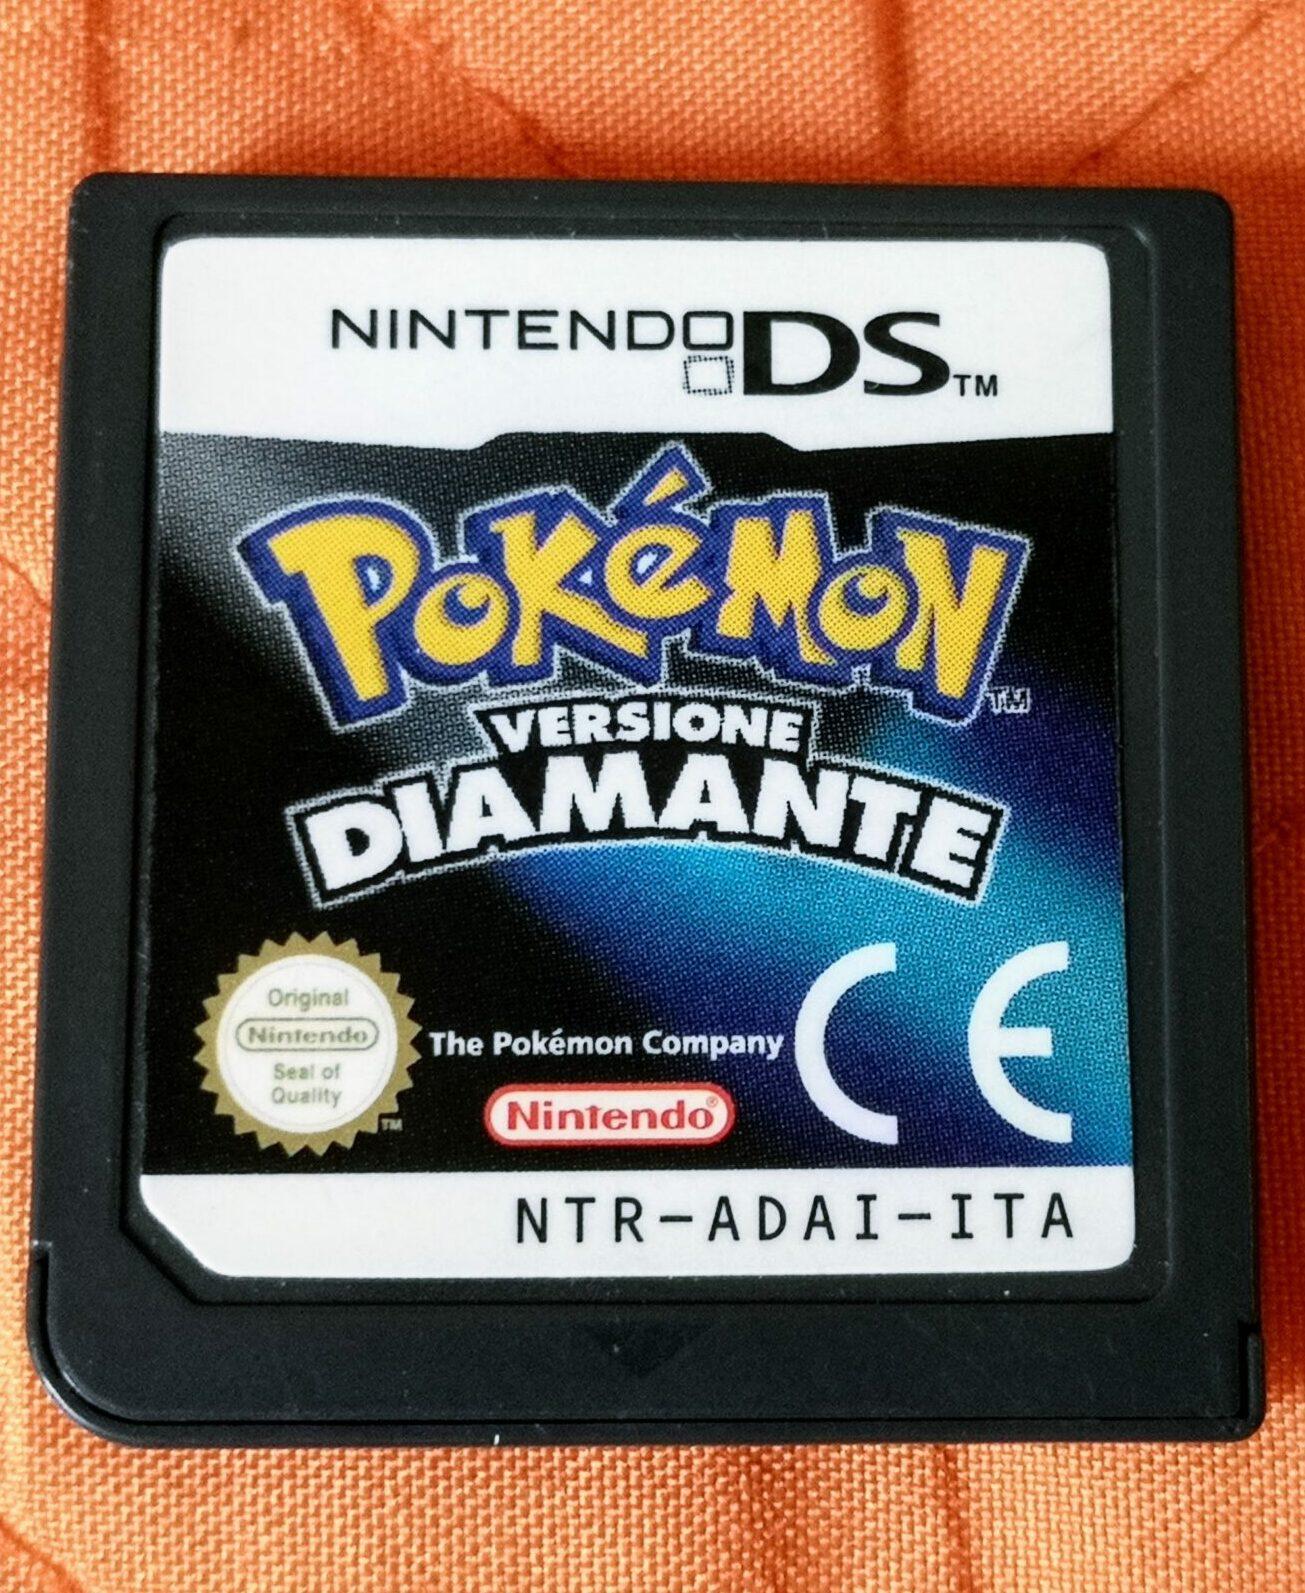 Pokémon Versione Diamante, scheda di gioco vista frontale